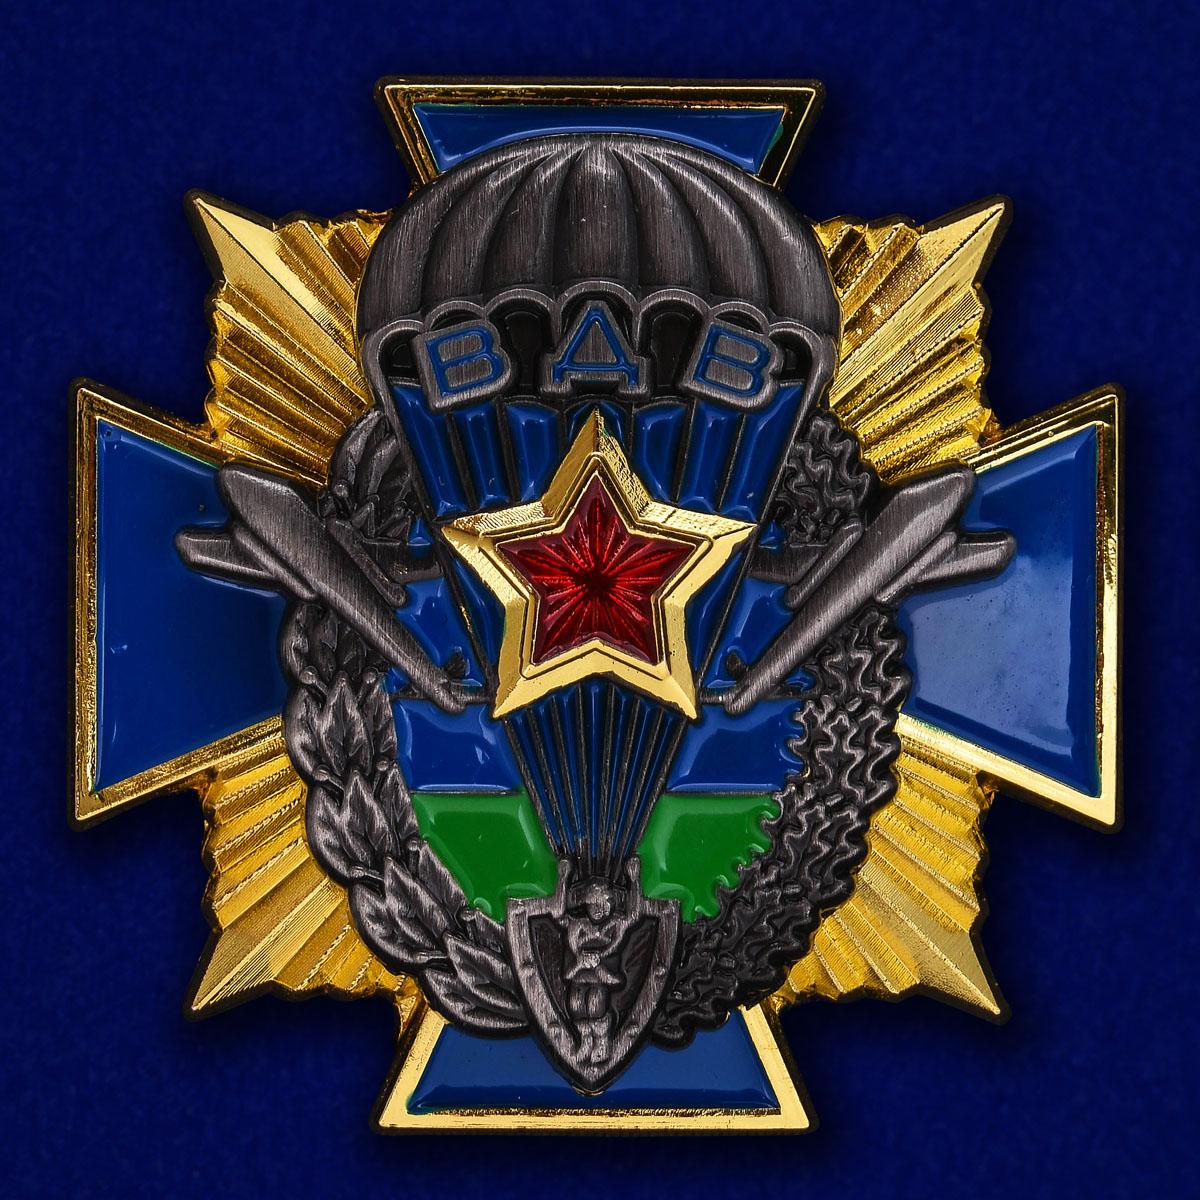 Крест десантника на 85 лет ВДВ